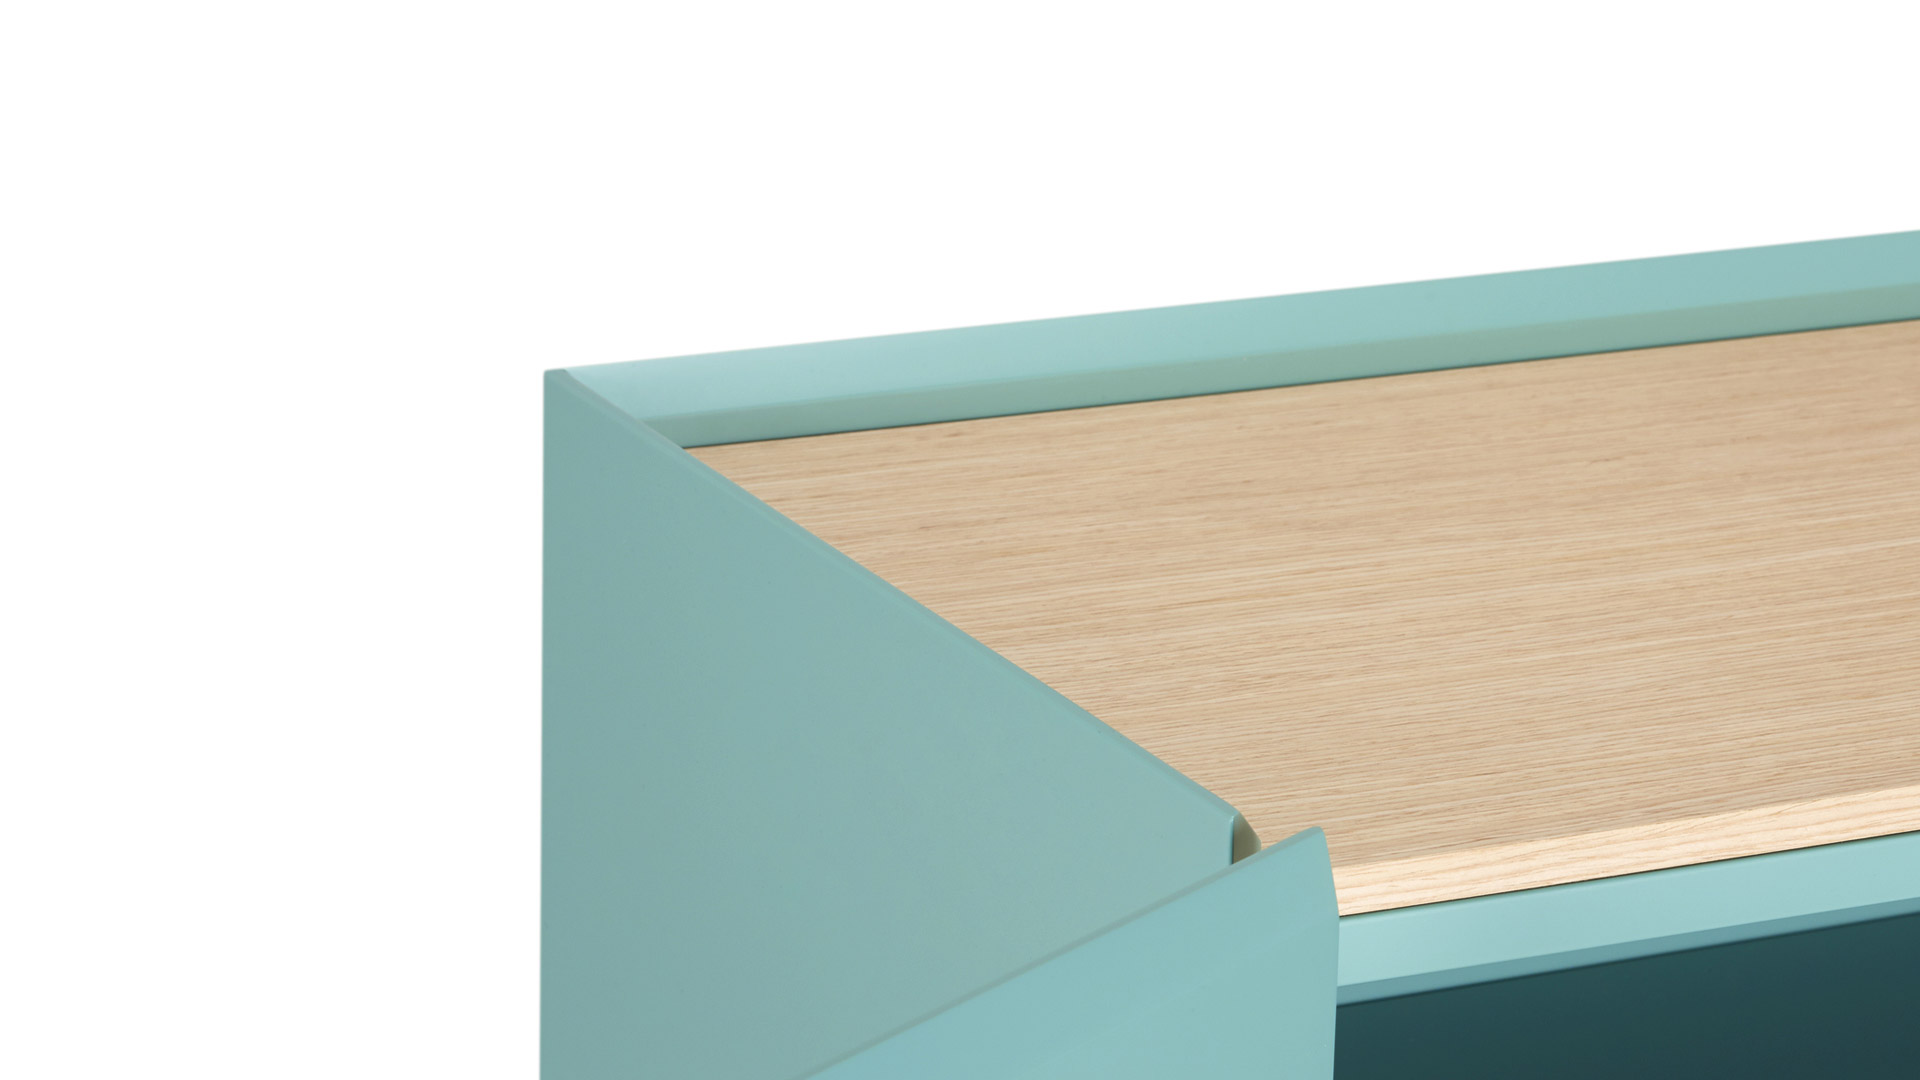 柜体顶板双层质感结构,上下两层不同厚度采用撞色处理,清漆覆盖的水洗橡木木皮呈现哑光质感,与四边45°斜坡精美呼应。顶板的每一次开启都带给你跳动的视觉张力。?x-oss-process=image/format,jpg/interlace,1